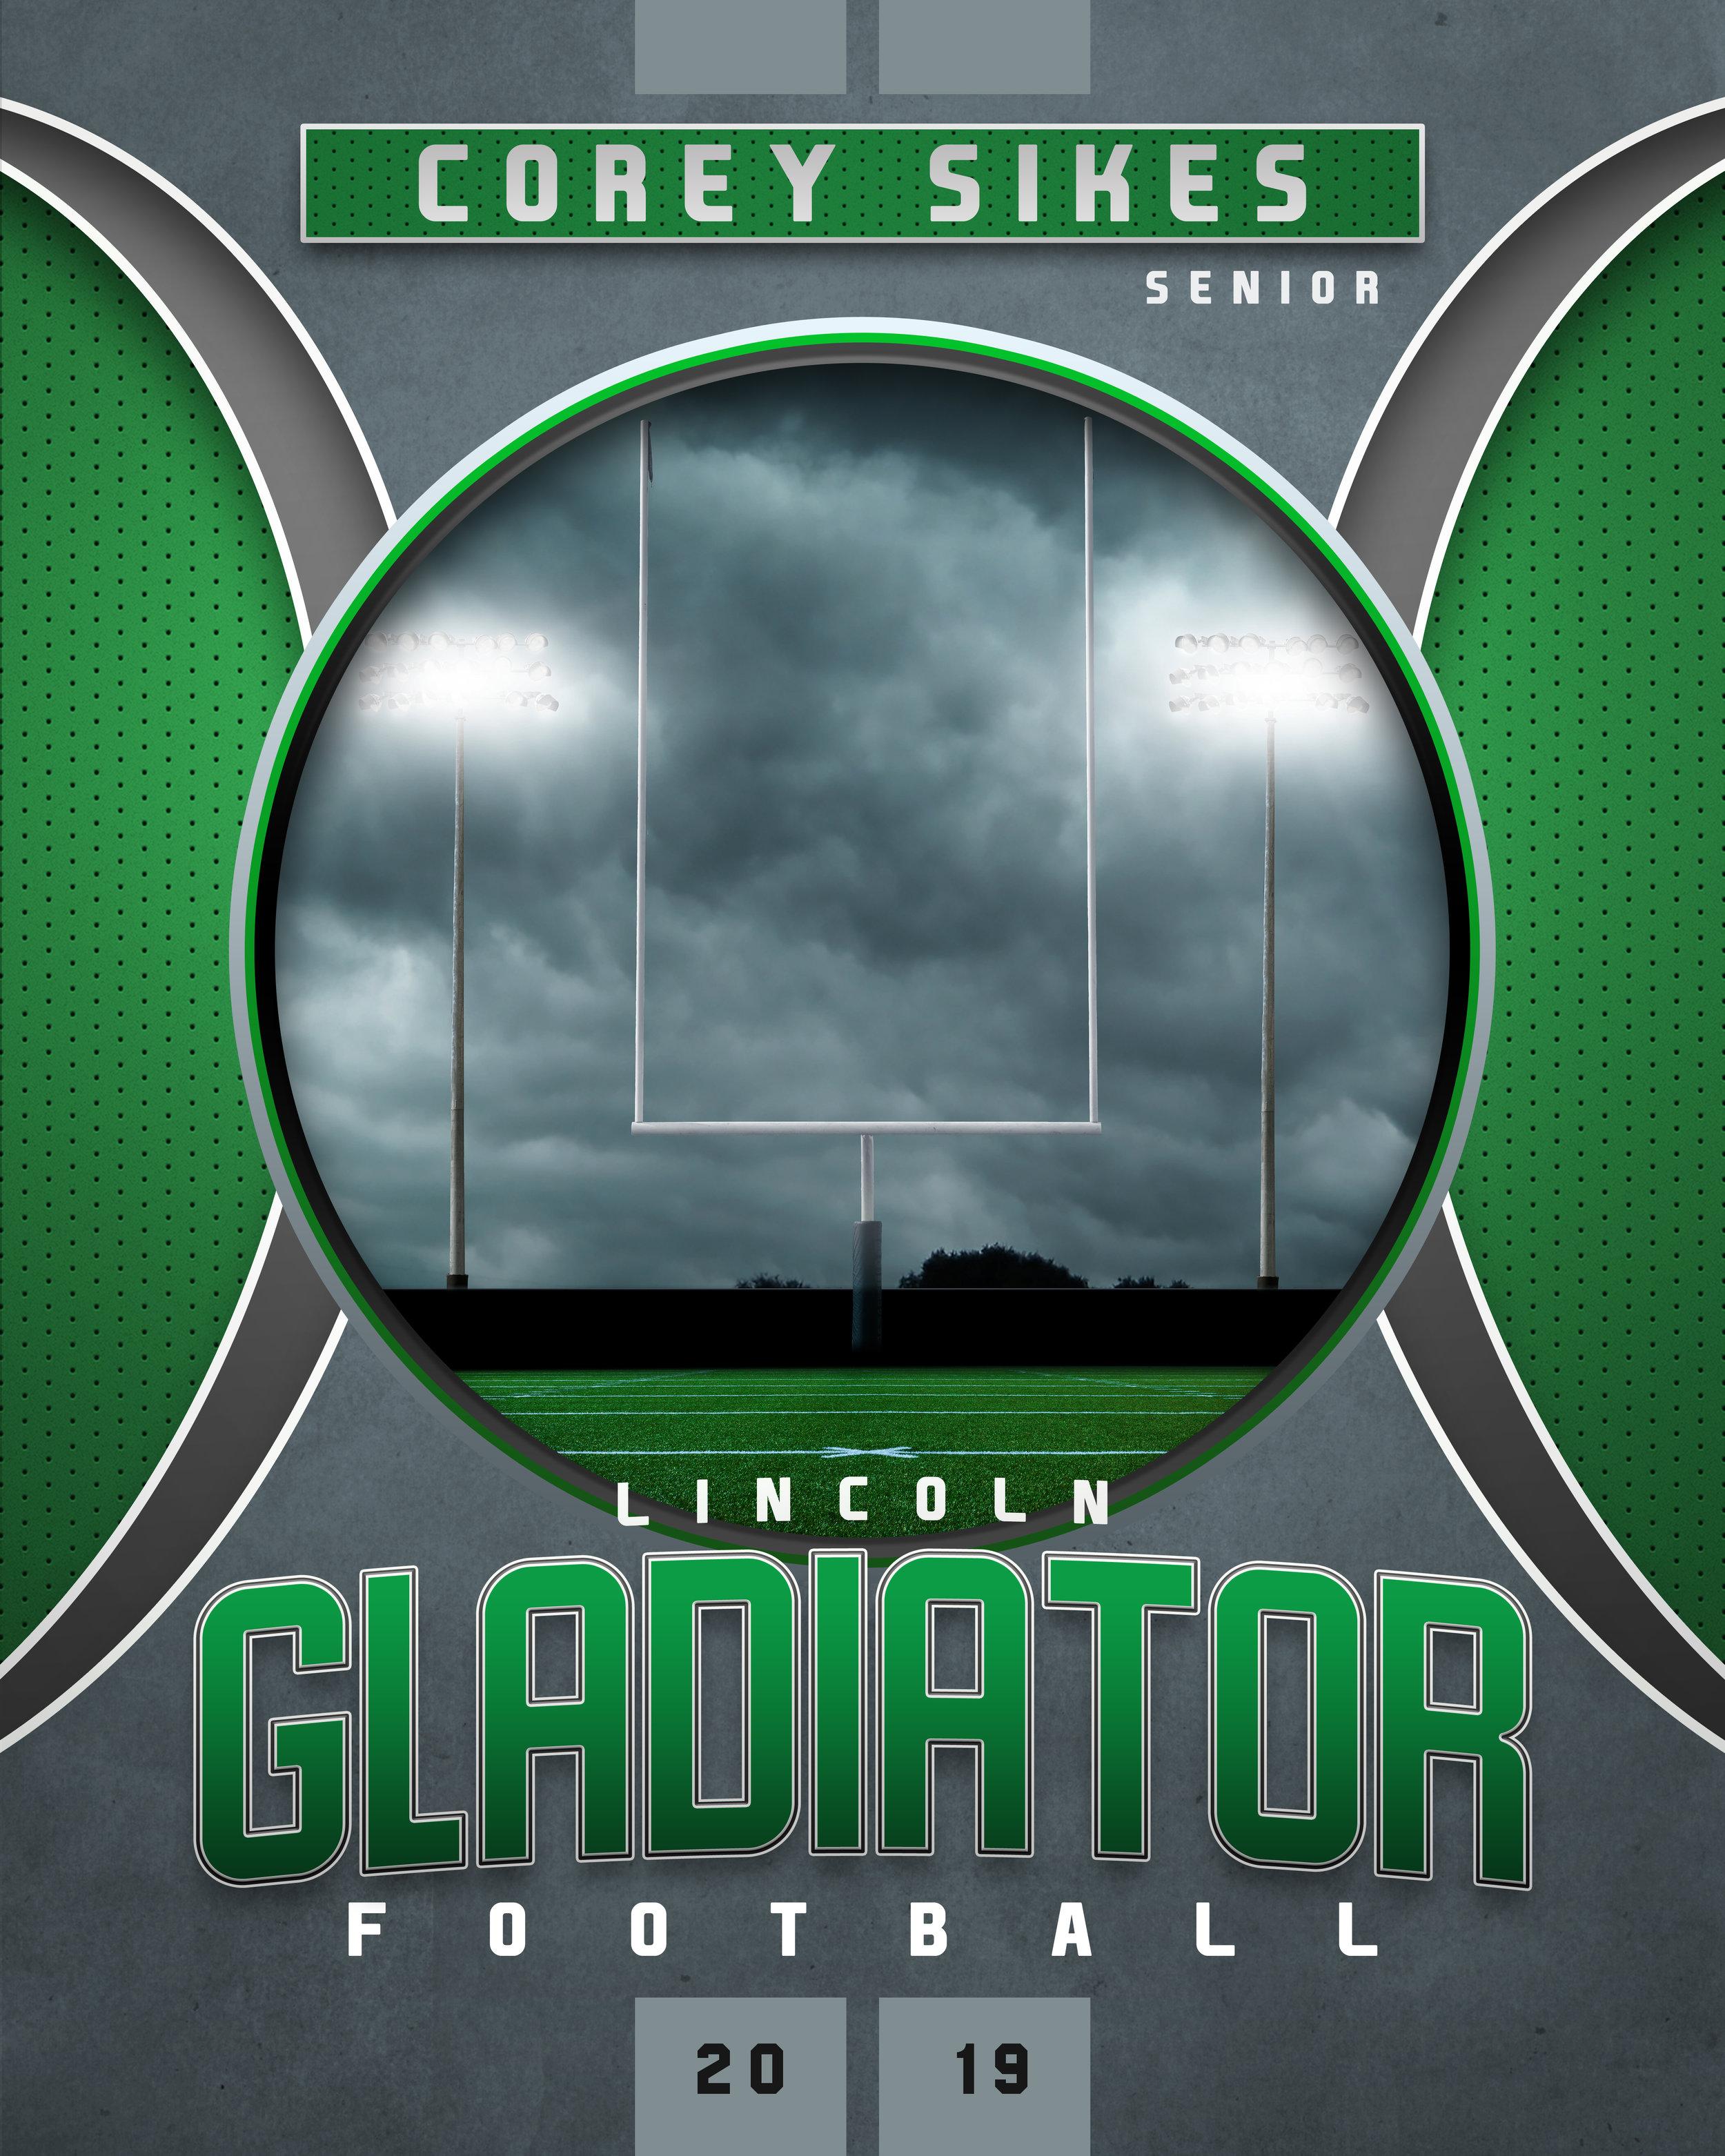 Gladiator_Footballl_16x20_2.jpg